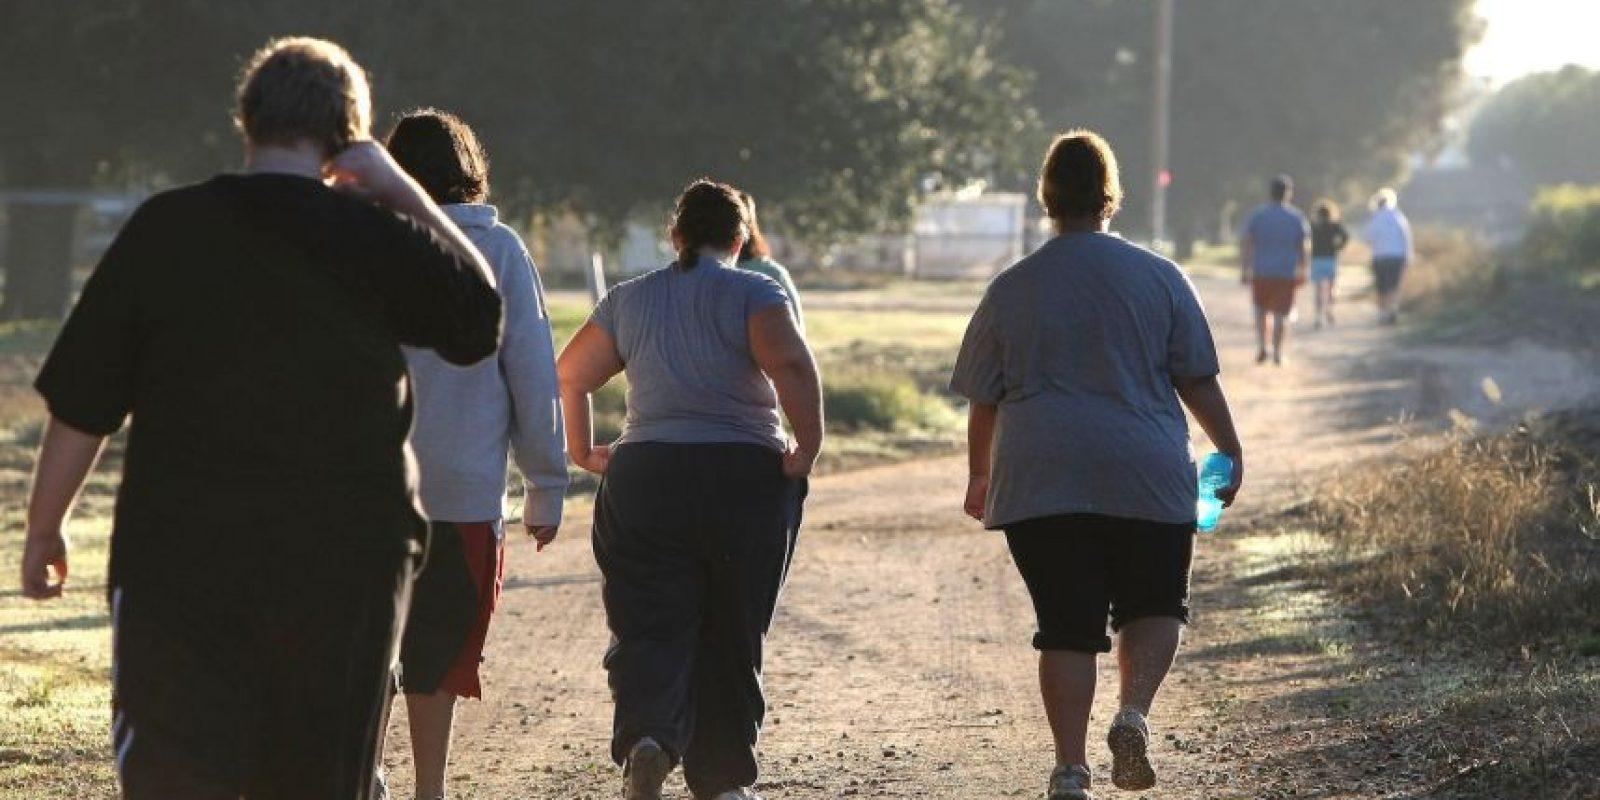 4. Incontinencia urinaria. Según un estudio de la Universidad McMaster en Canadá, las personas que tienen un Índice de Masa Corporal (IMC) alto poseen una mayor prevalencia de este problema. Foto:Getty Images